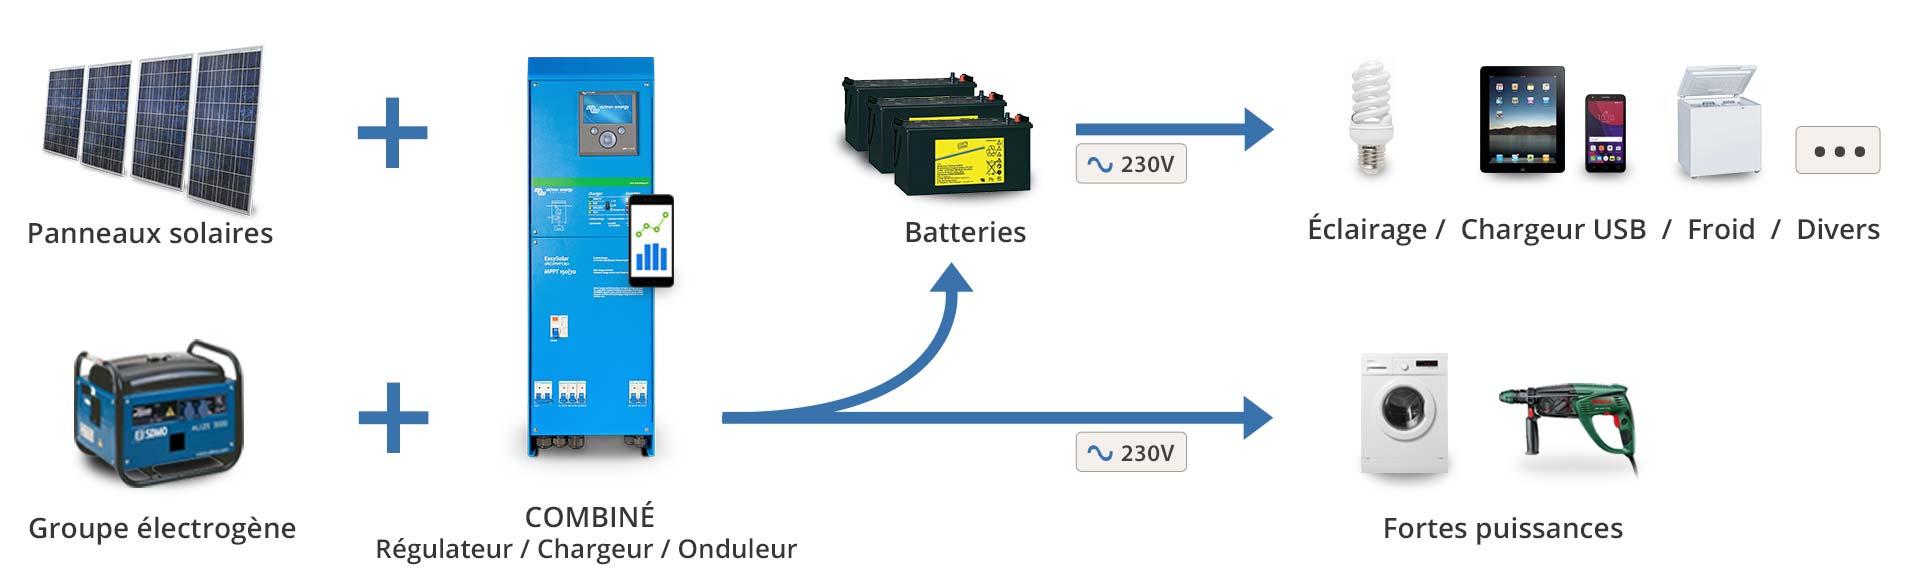 Fonctionnement d'un kit solaire avec Groupe électrogène